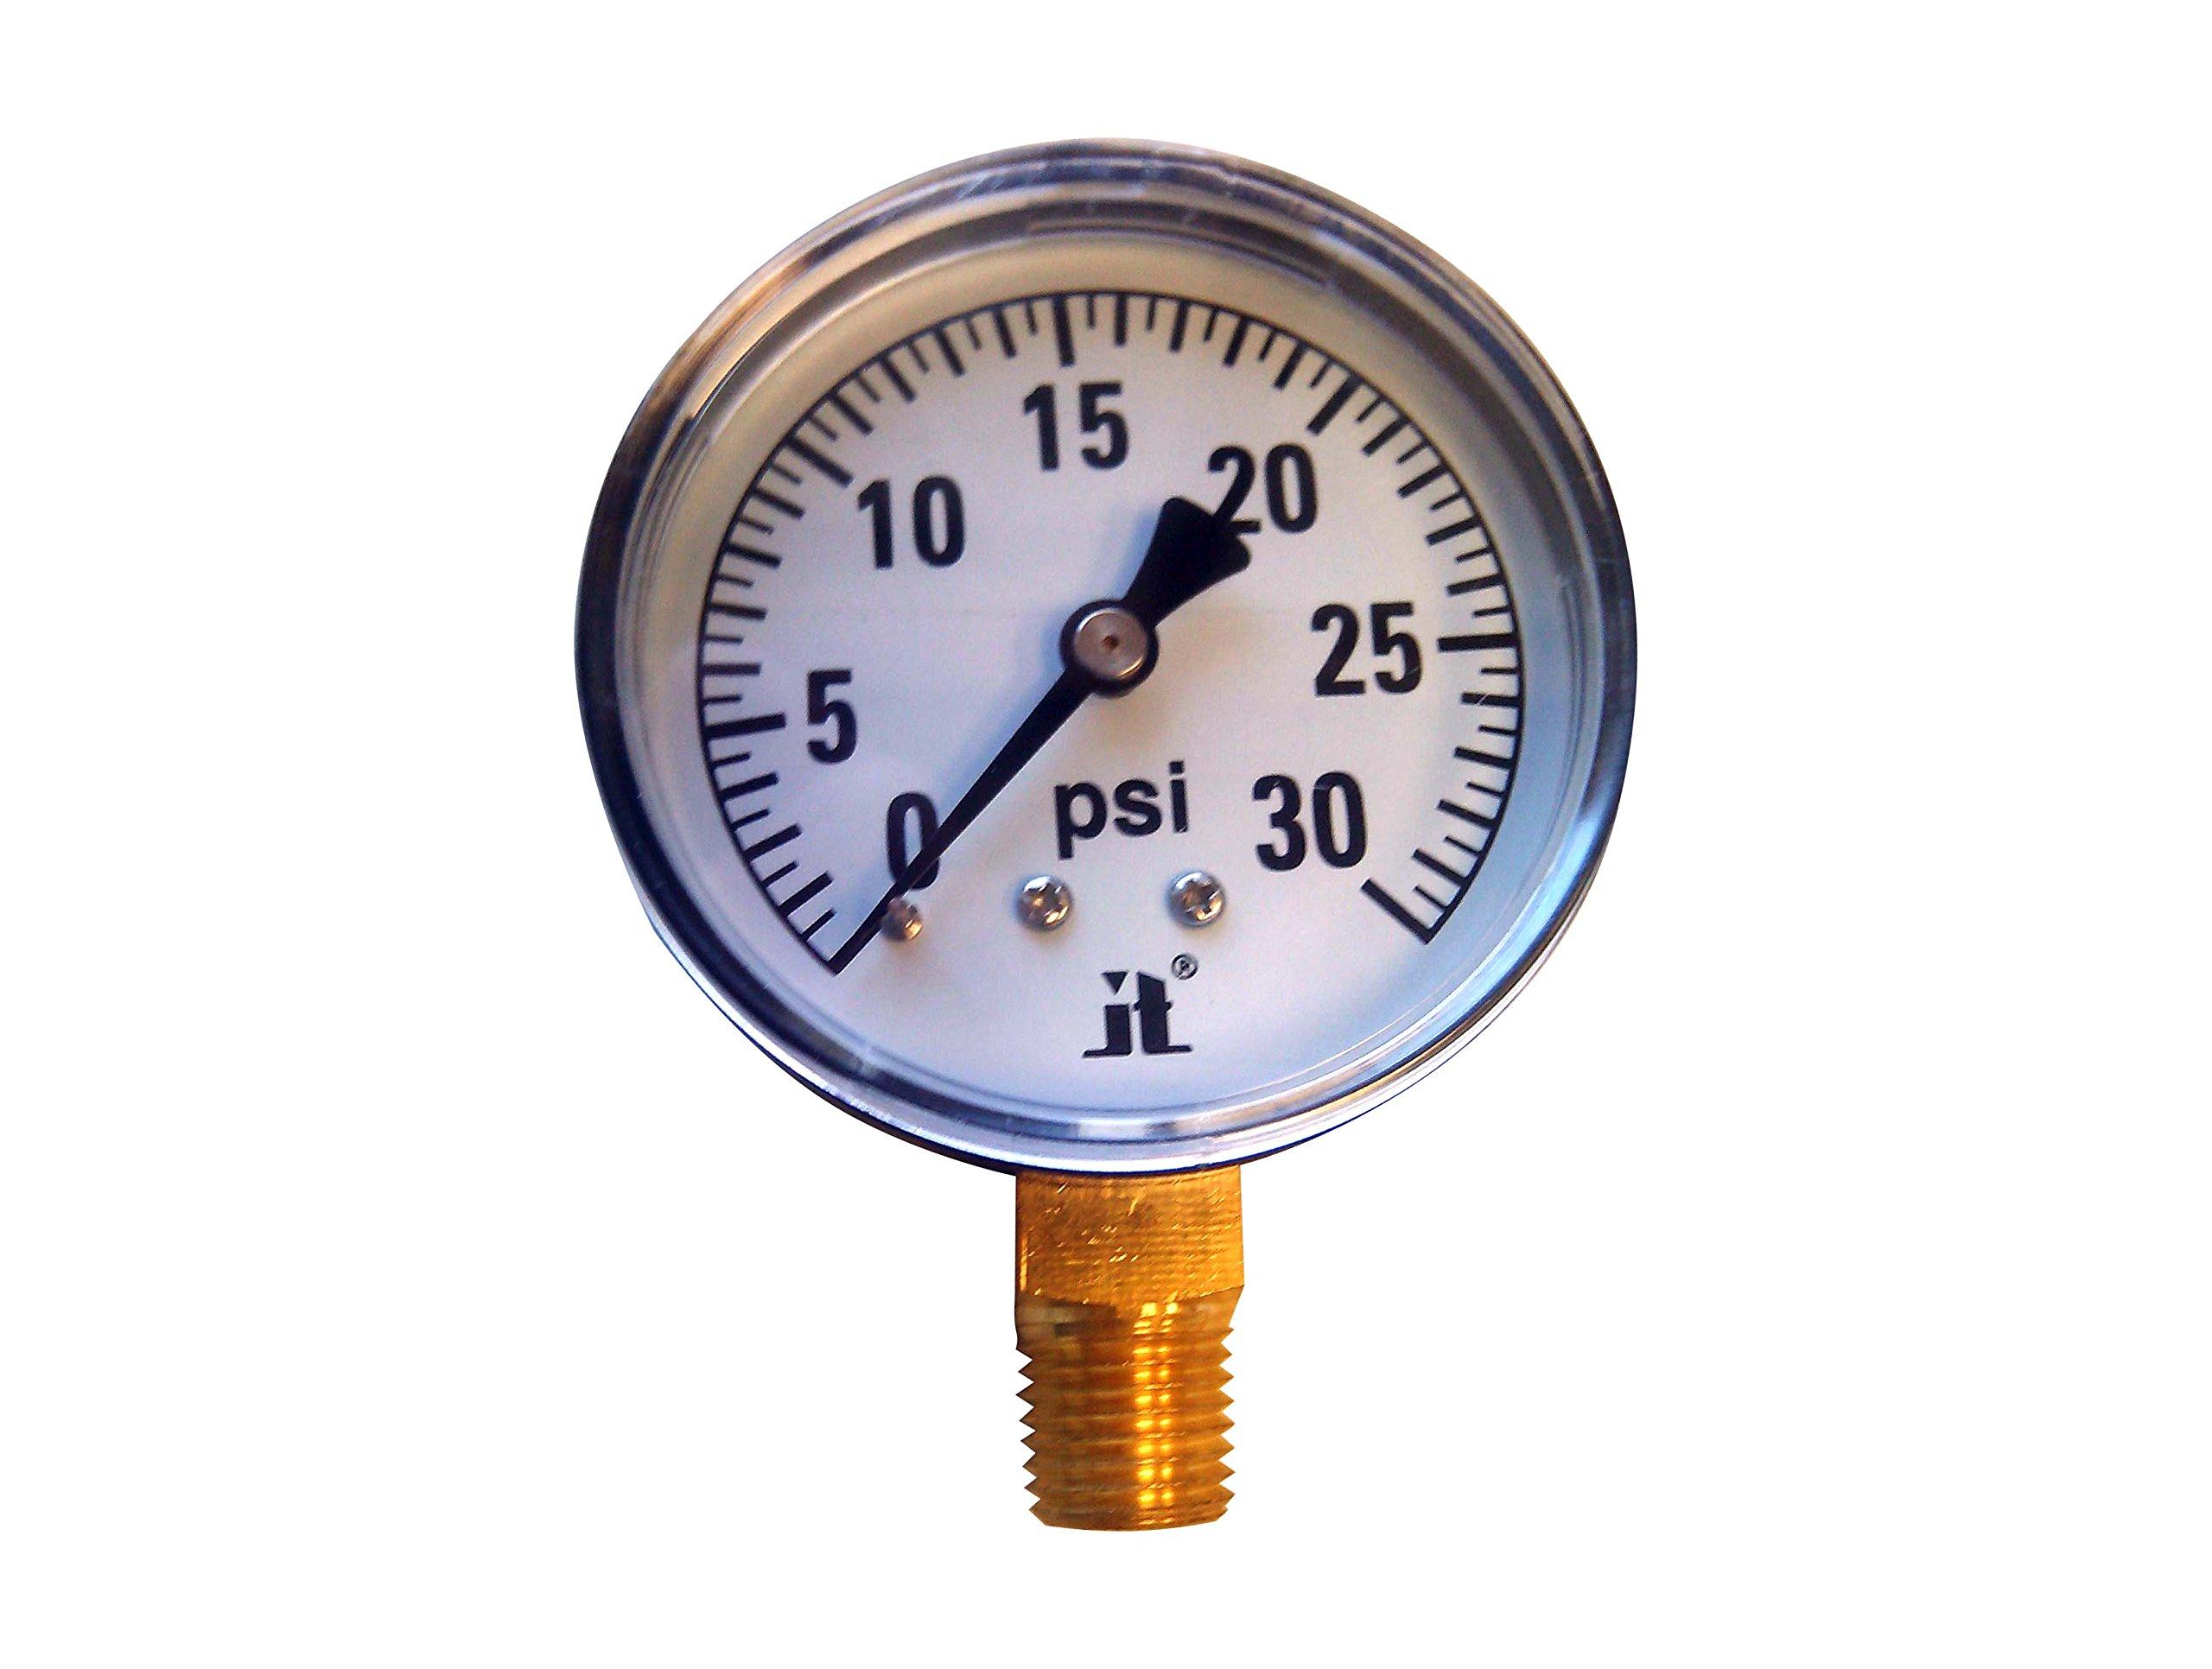 Zenport DPG30 Zen-Tek Dry Air Pressure Gauge, 30 PSI